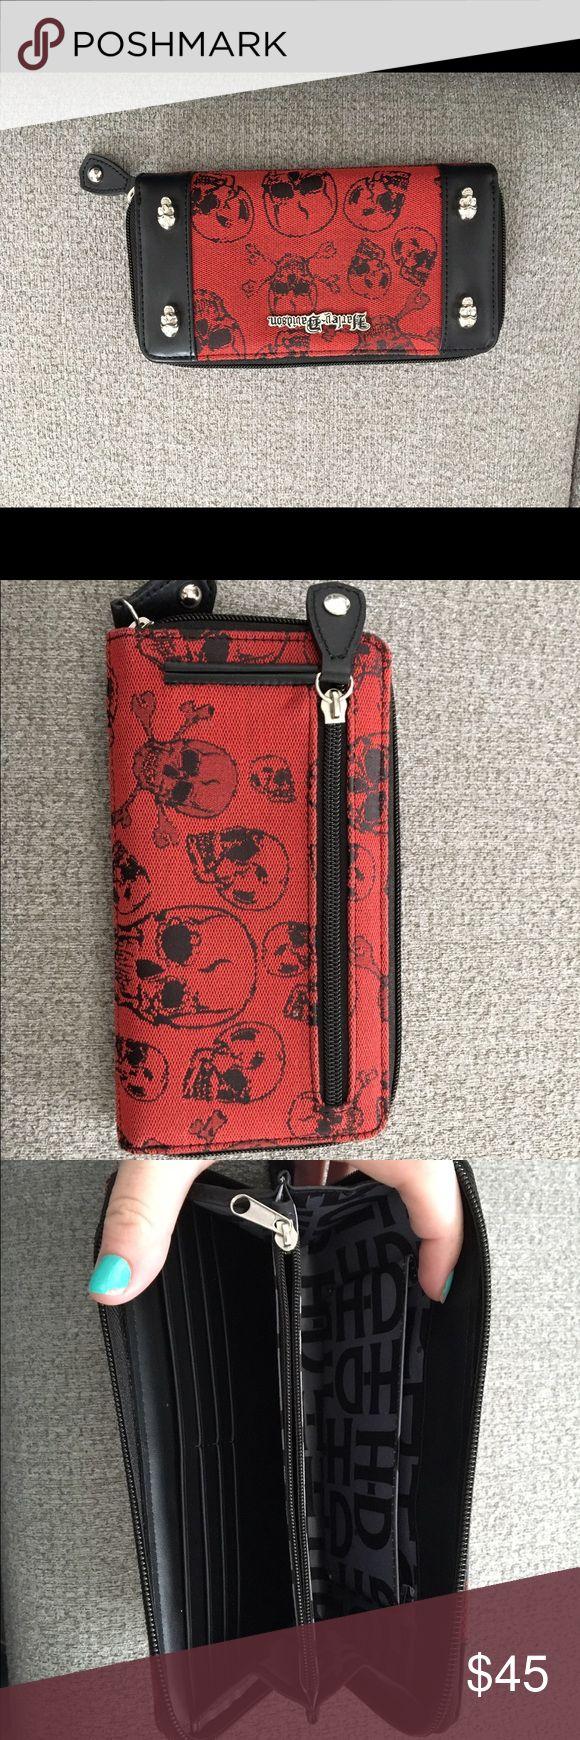 Harley Davidson wallet Red and black skull Harley Davidson wallet Harley-Davidson Bags Wallets